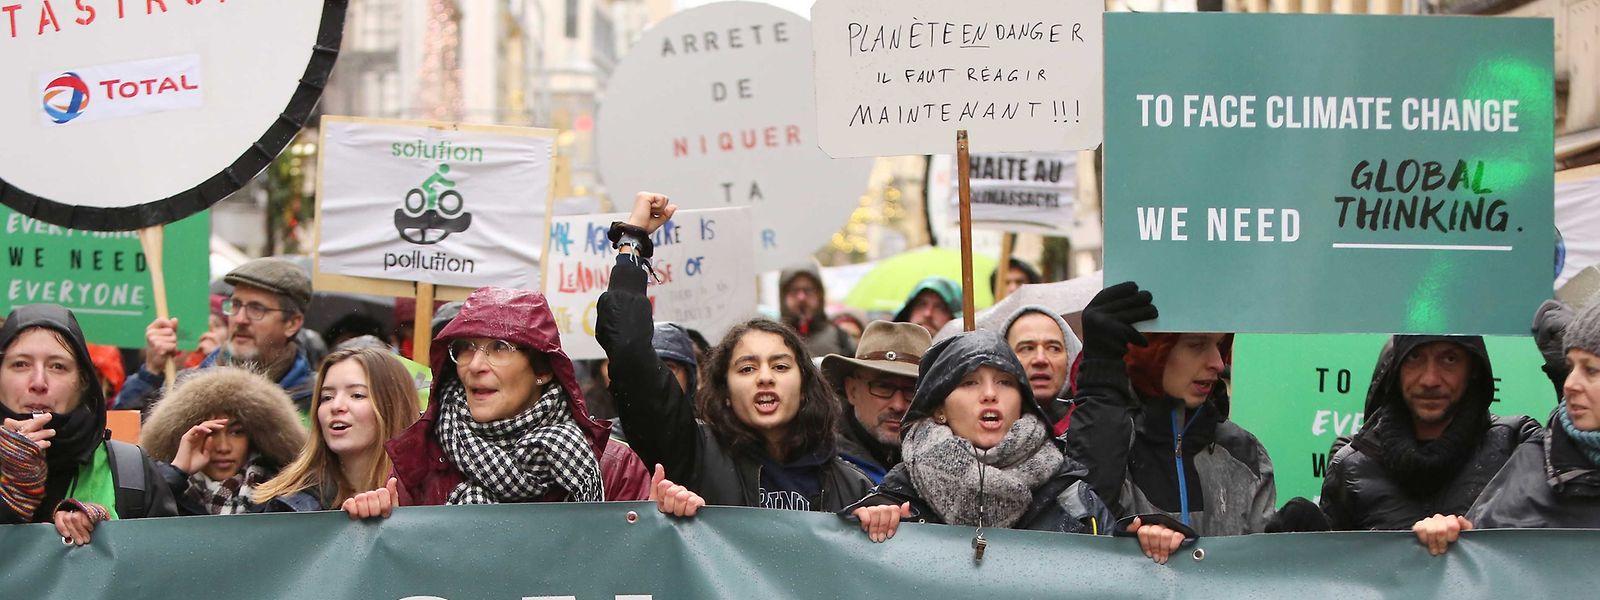 """""""Marche pour le climat"""" am 8. Dezember in der Stadt Luxemburg."""